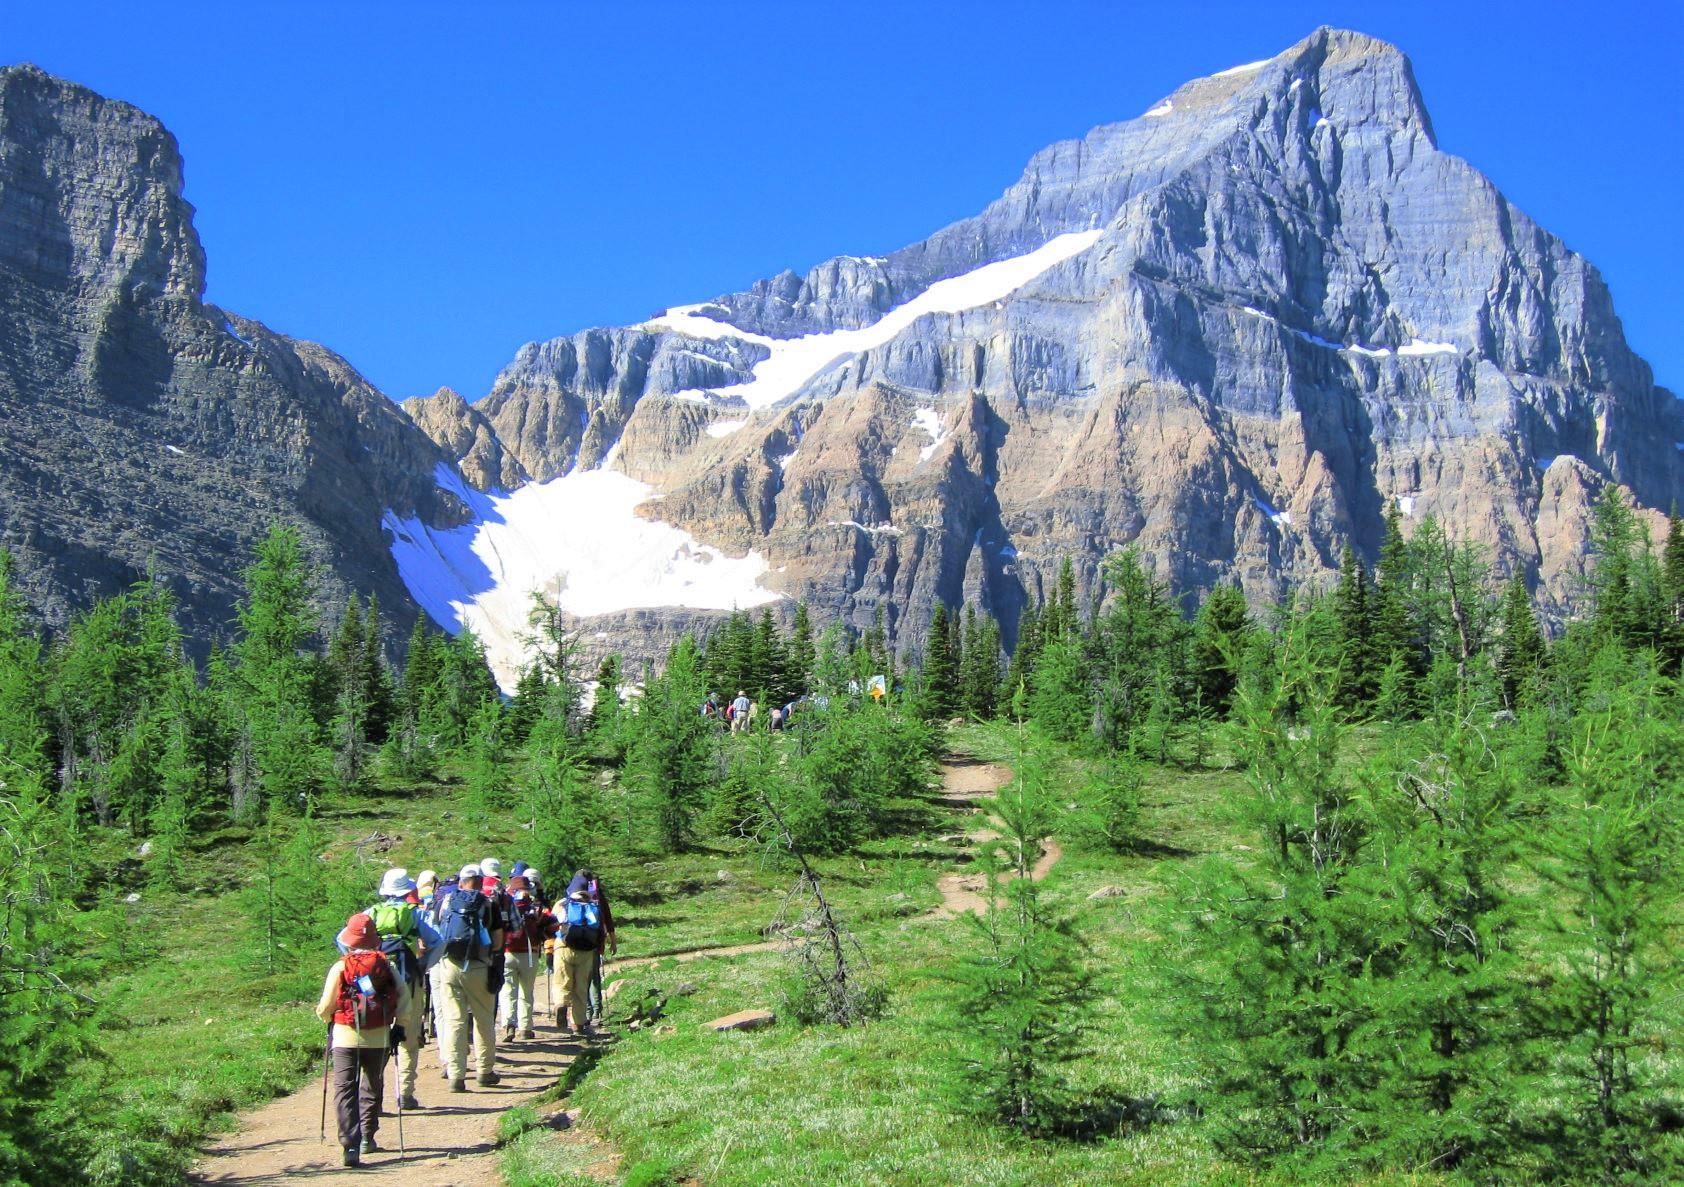 登頂とショートハイキングを交互に取り入れた日程でご案内